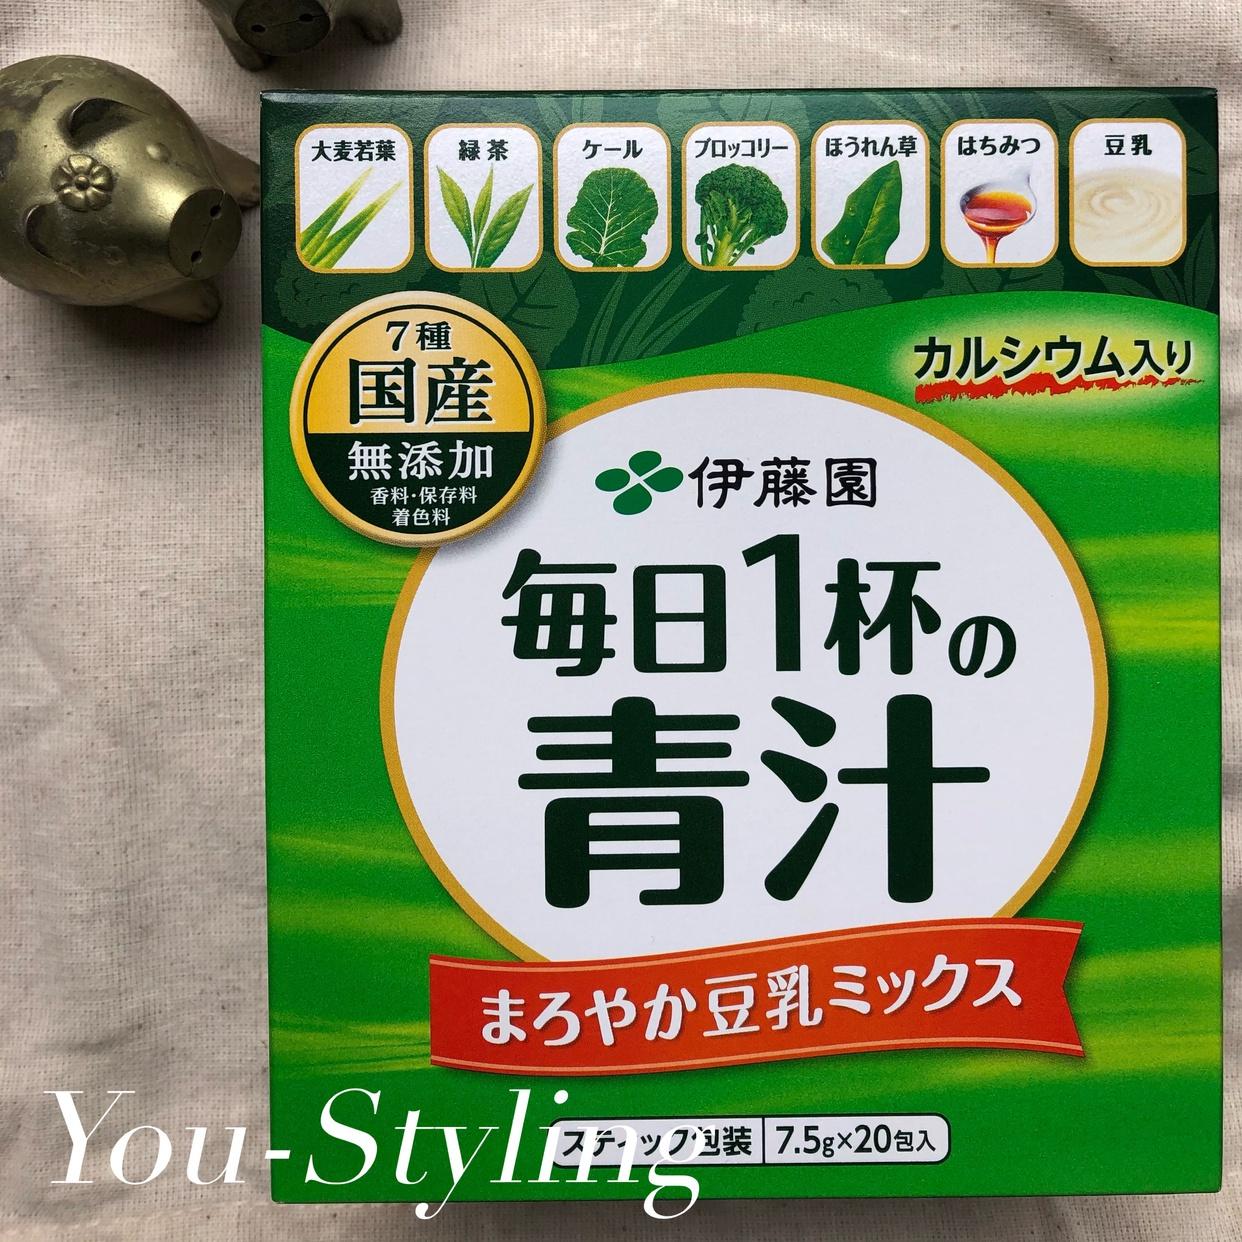 伊藤園(イトウエン) 毎日1杯の青汁 まろやか豆乳ミックスを使った國唯ひろみさんのクチコミ画像